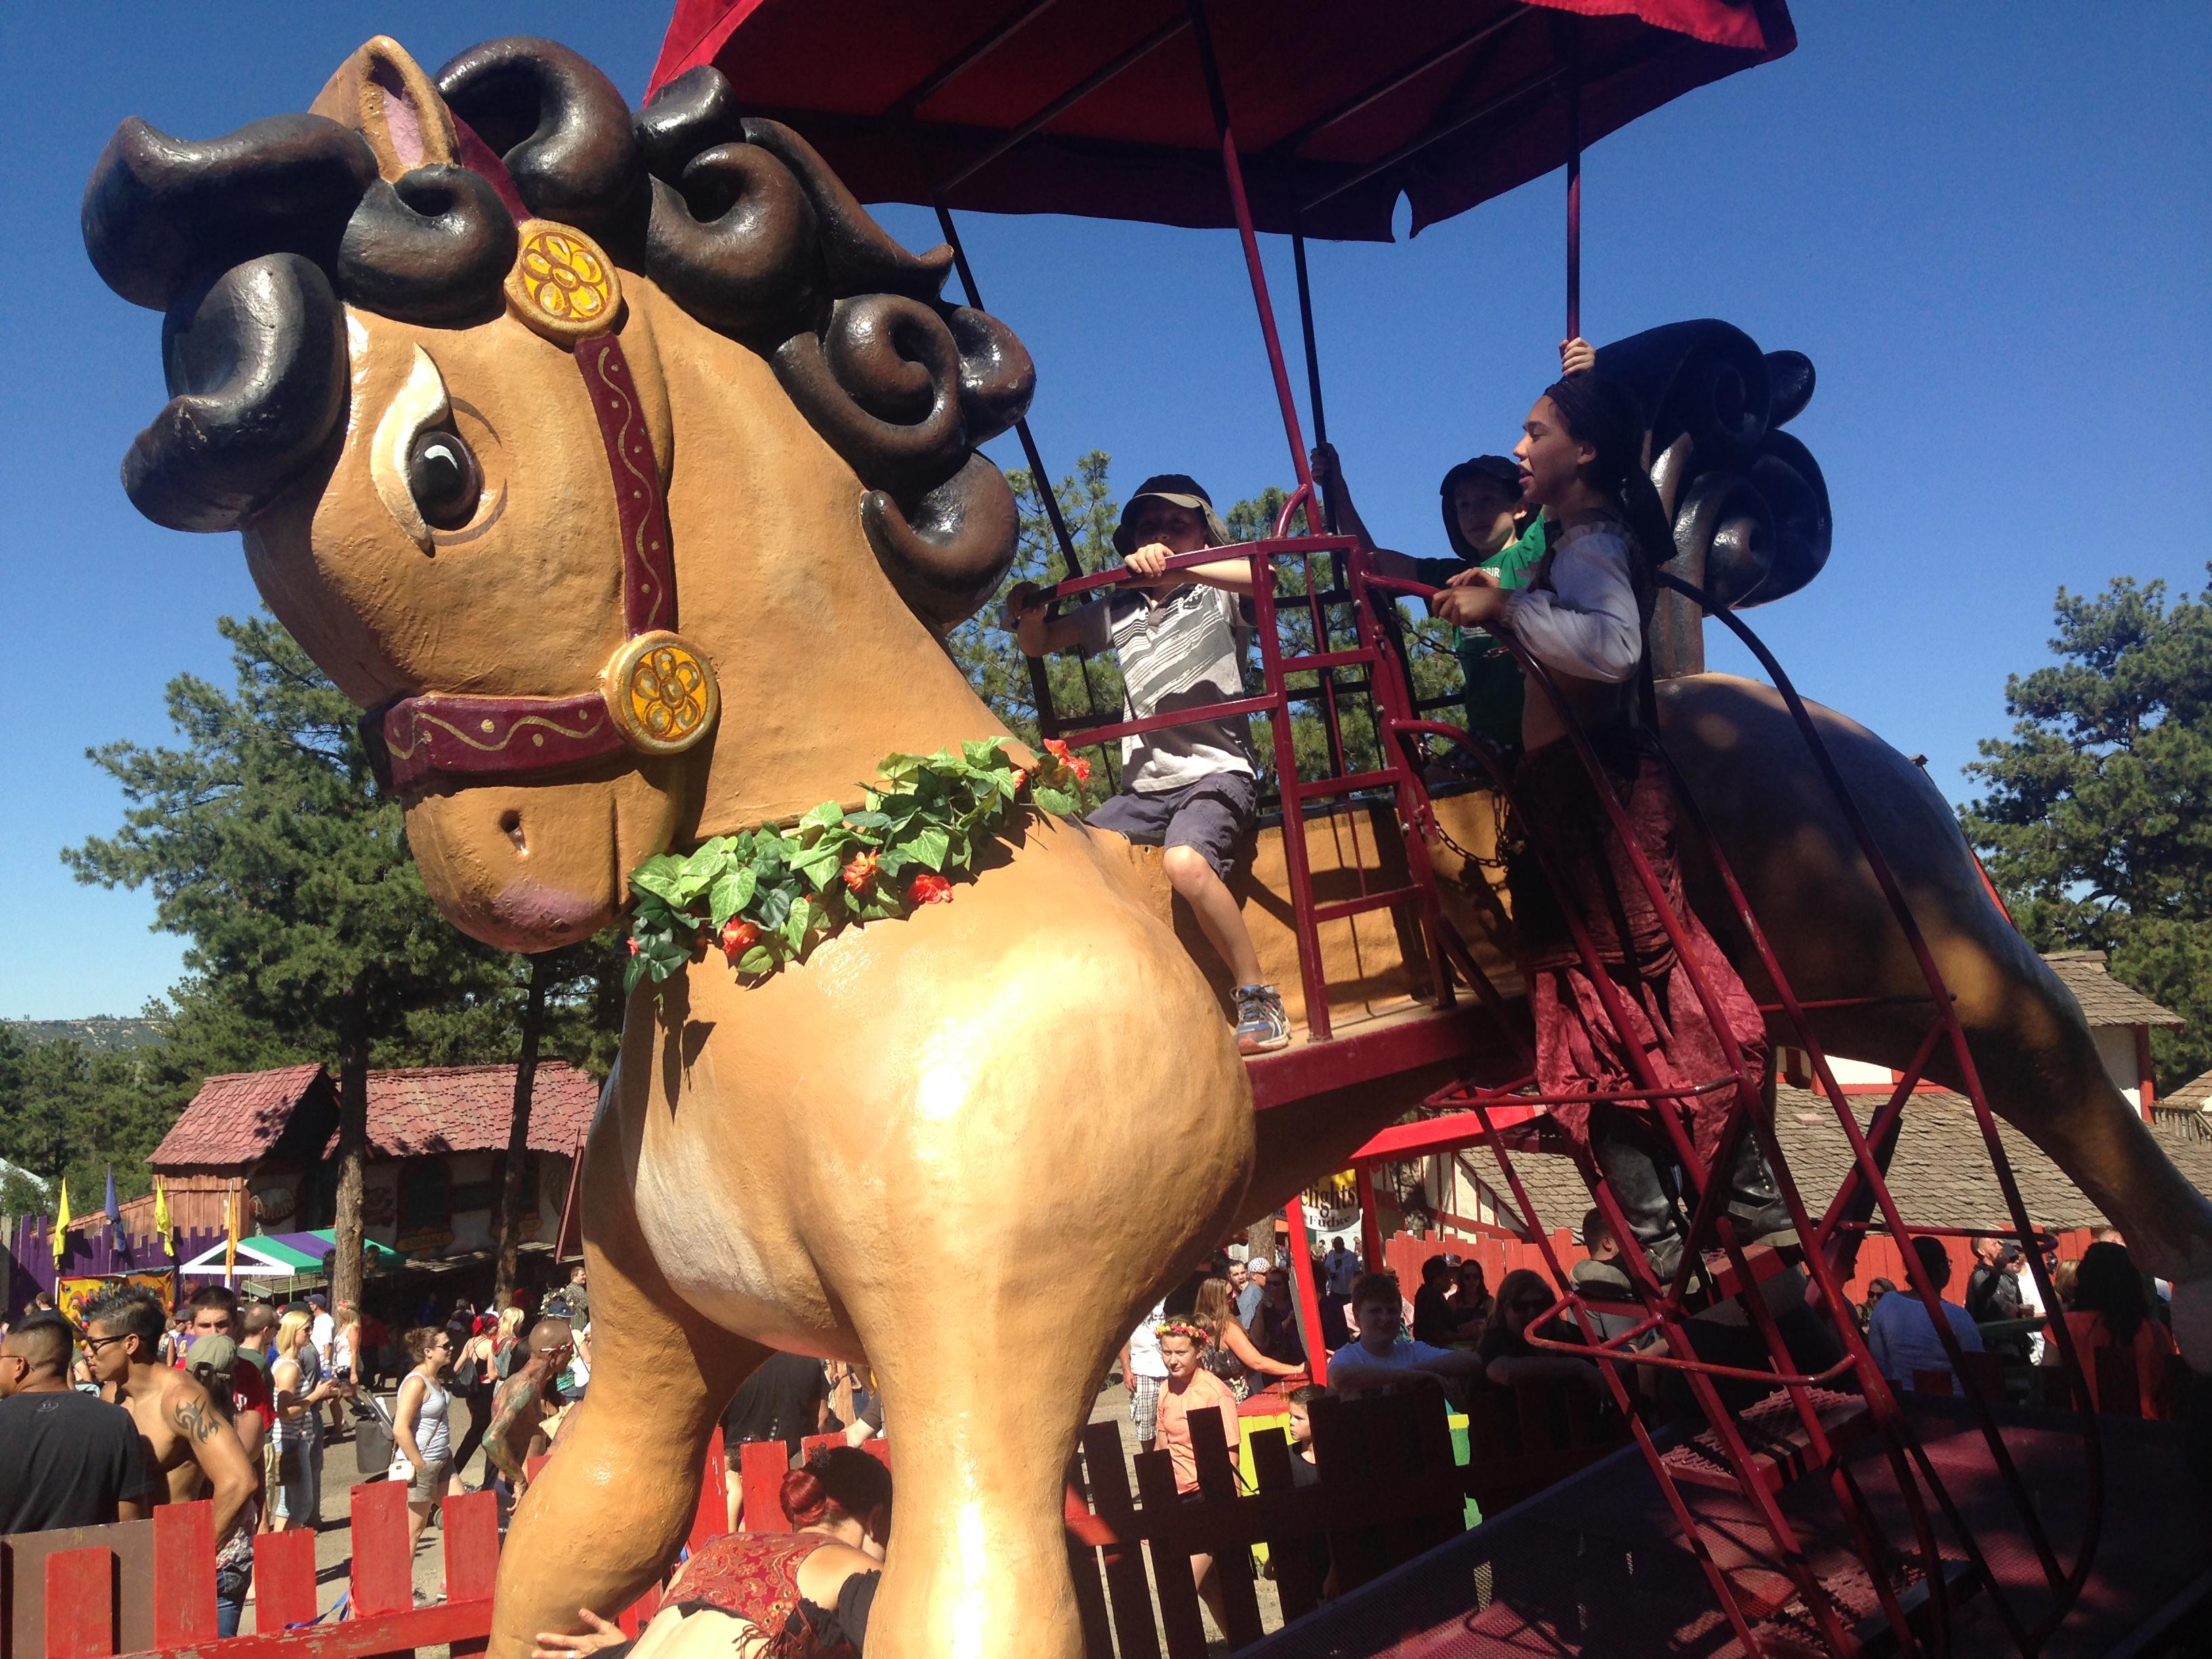 Giant rocking horse, $2